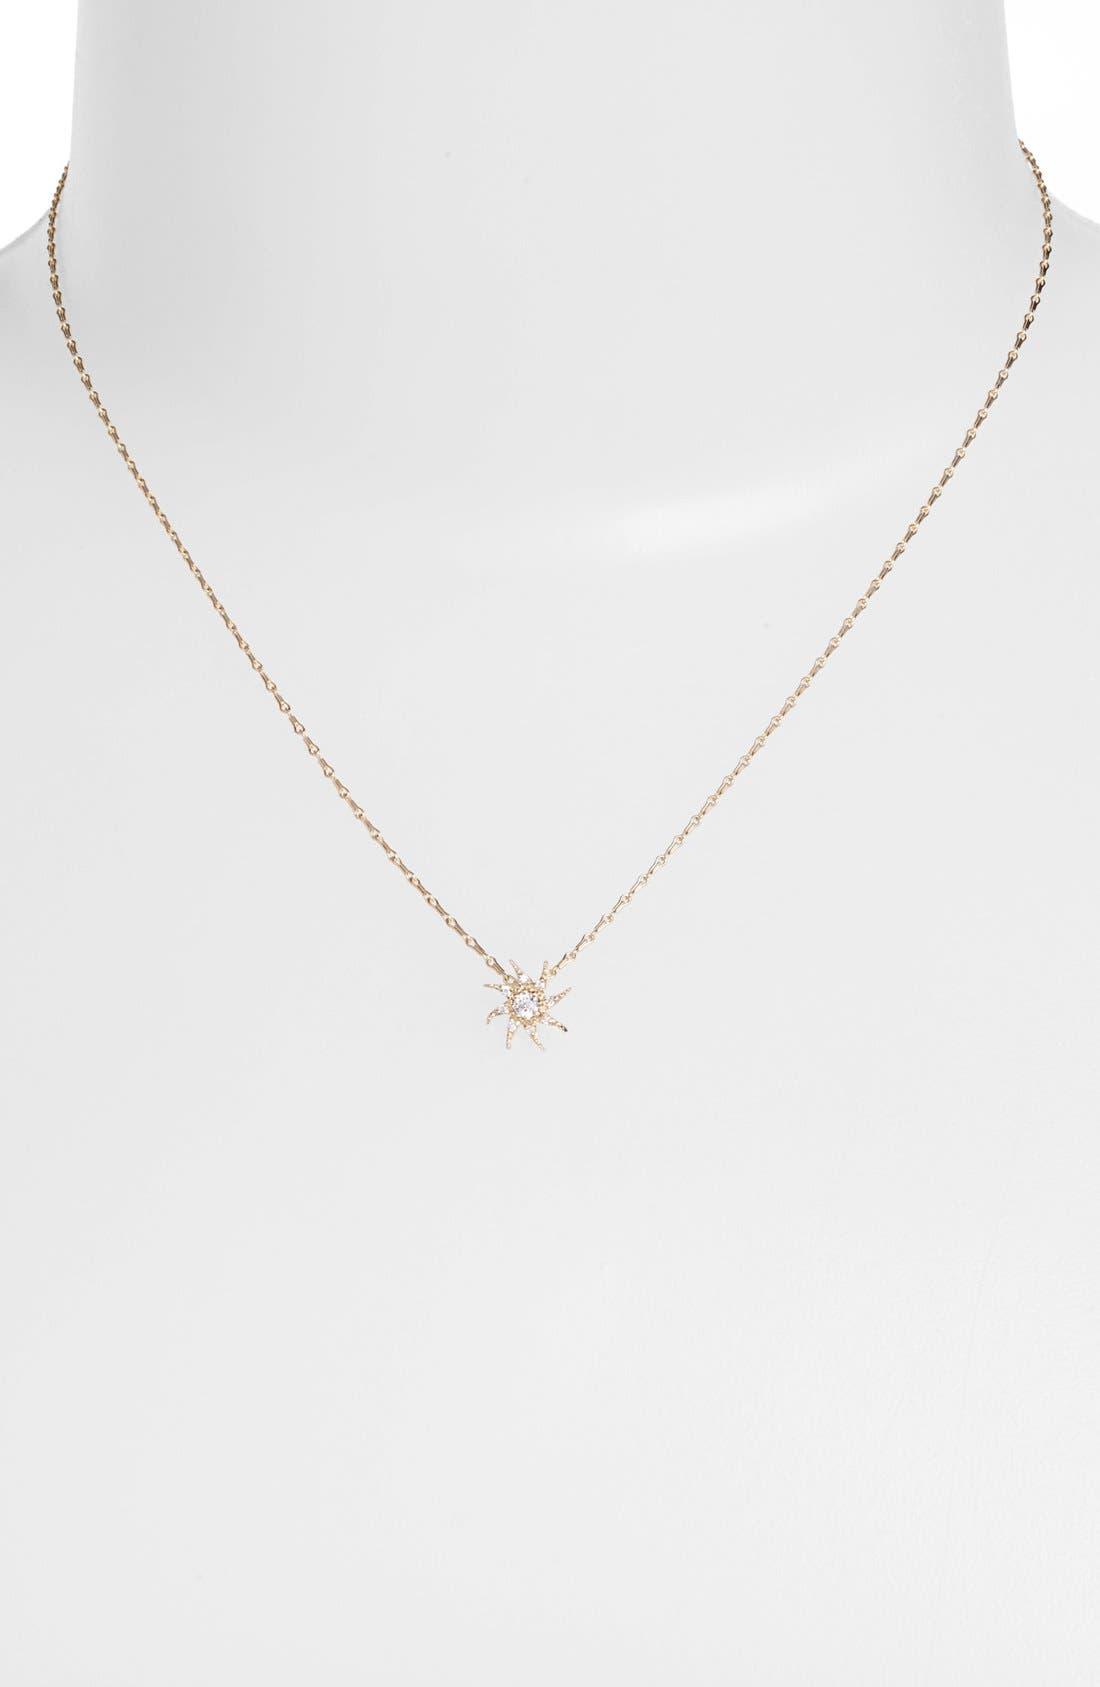 Main Image - Mizuki 'Wings of Desire' Diamond Sun Pendant Necklace